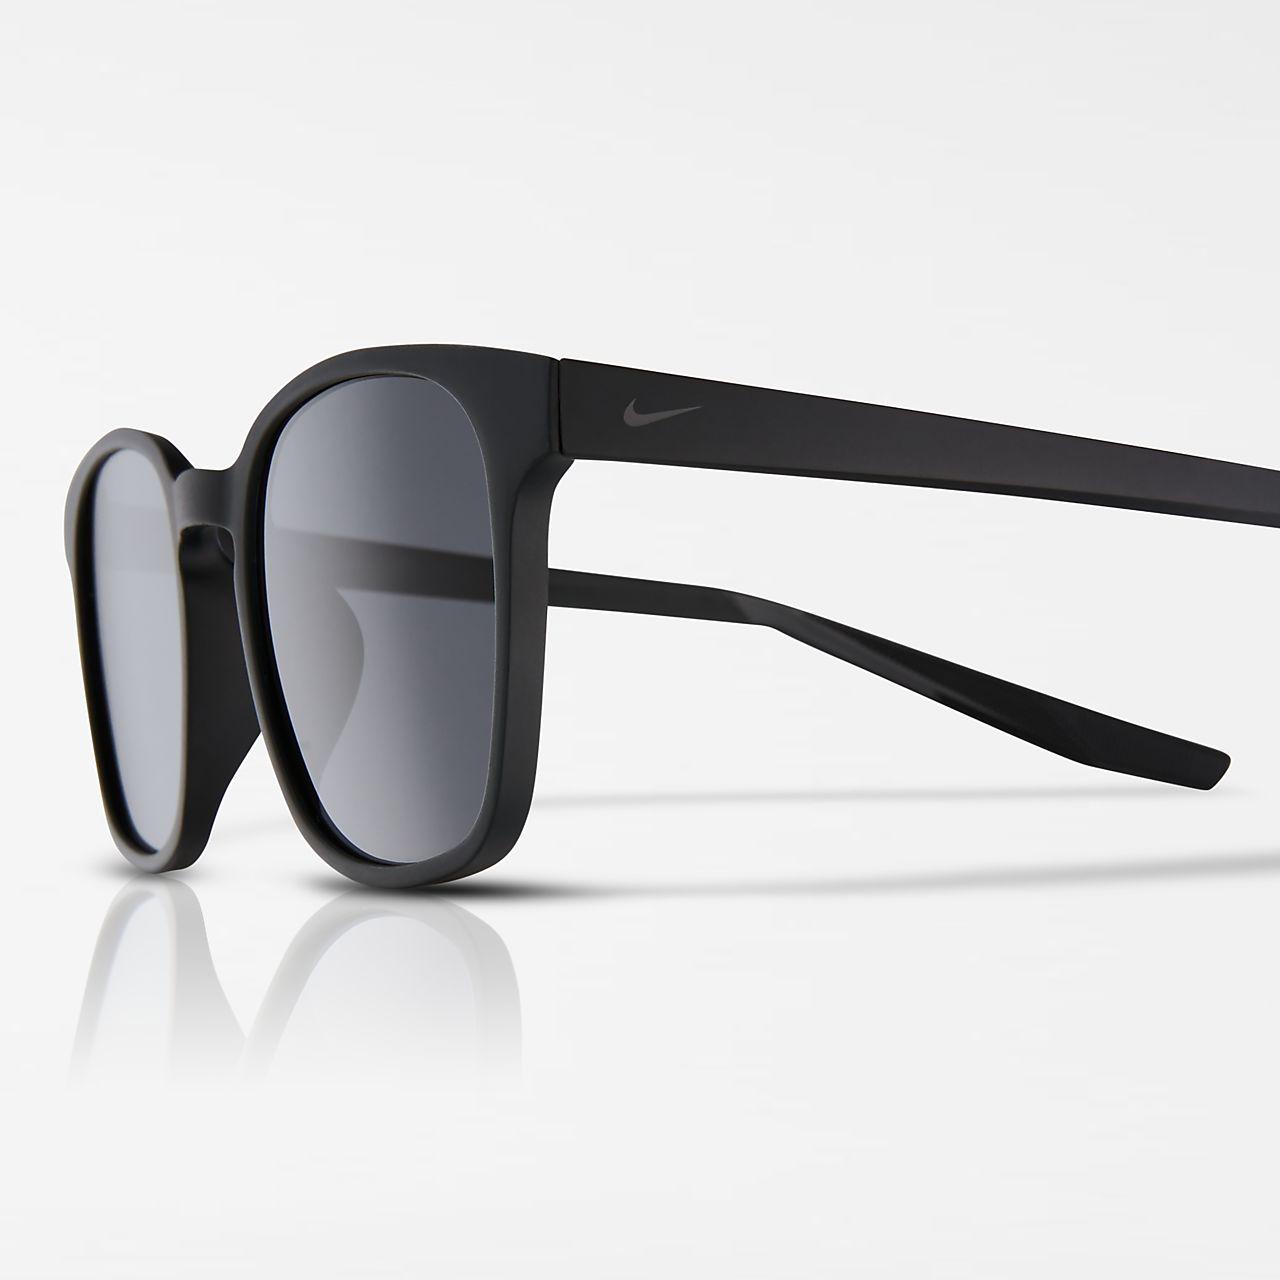 Nike Session Sunglasses